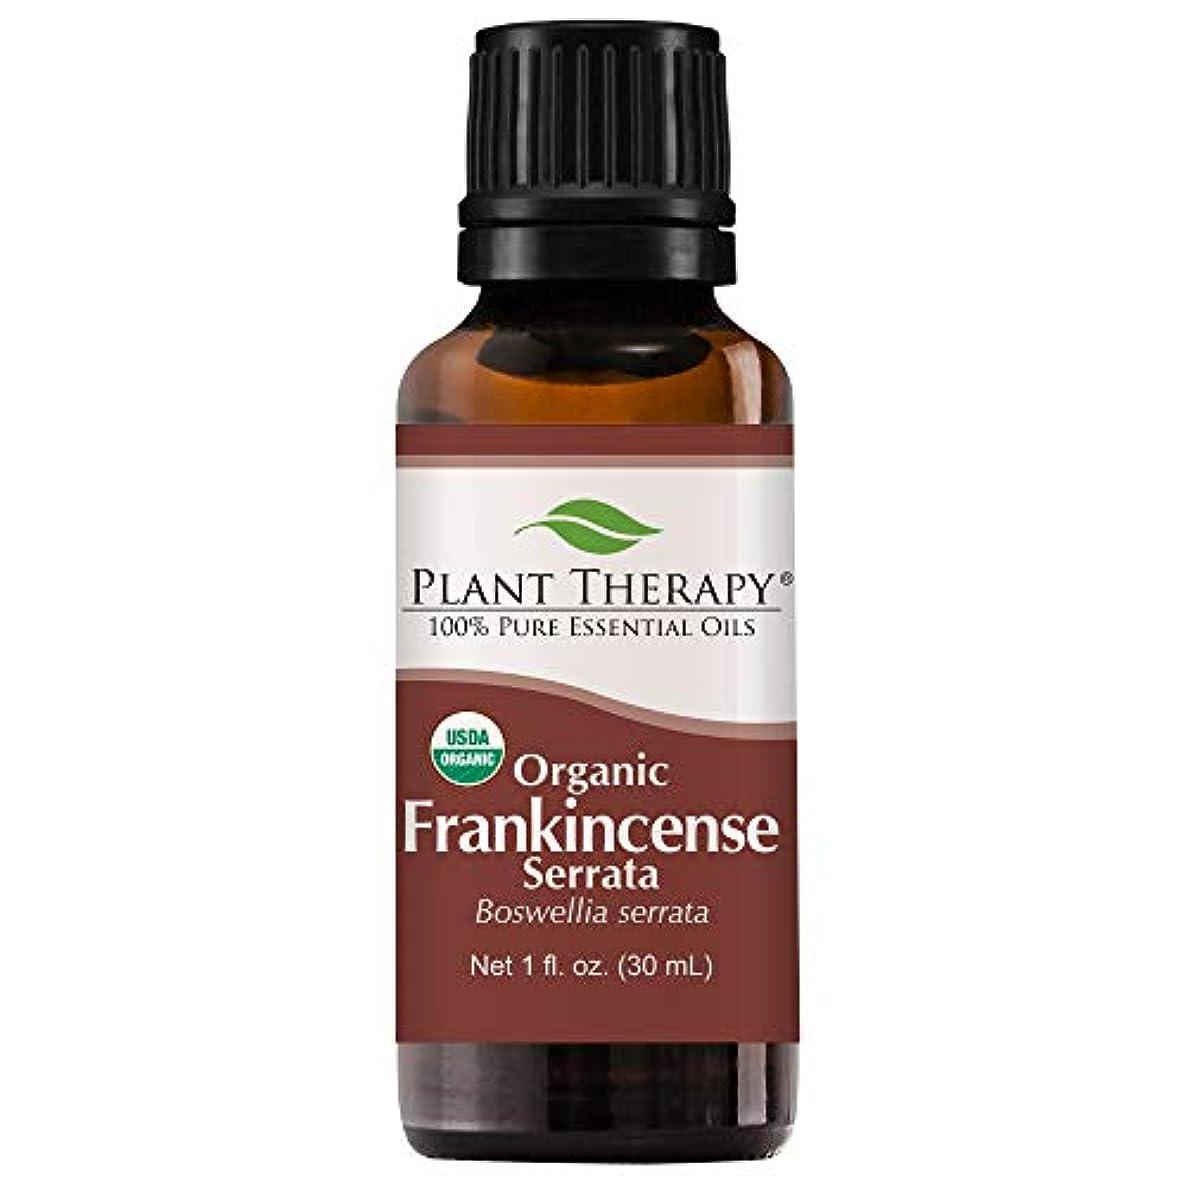 ウィザード小康違反する植物セラピーUSDA認定オーガニックフランキンセンスコナラエッセンシャルオイル。 30ミリリットル(1オンス)100%純粋な、希釈していない、治療グレード。